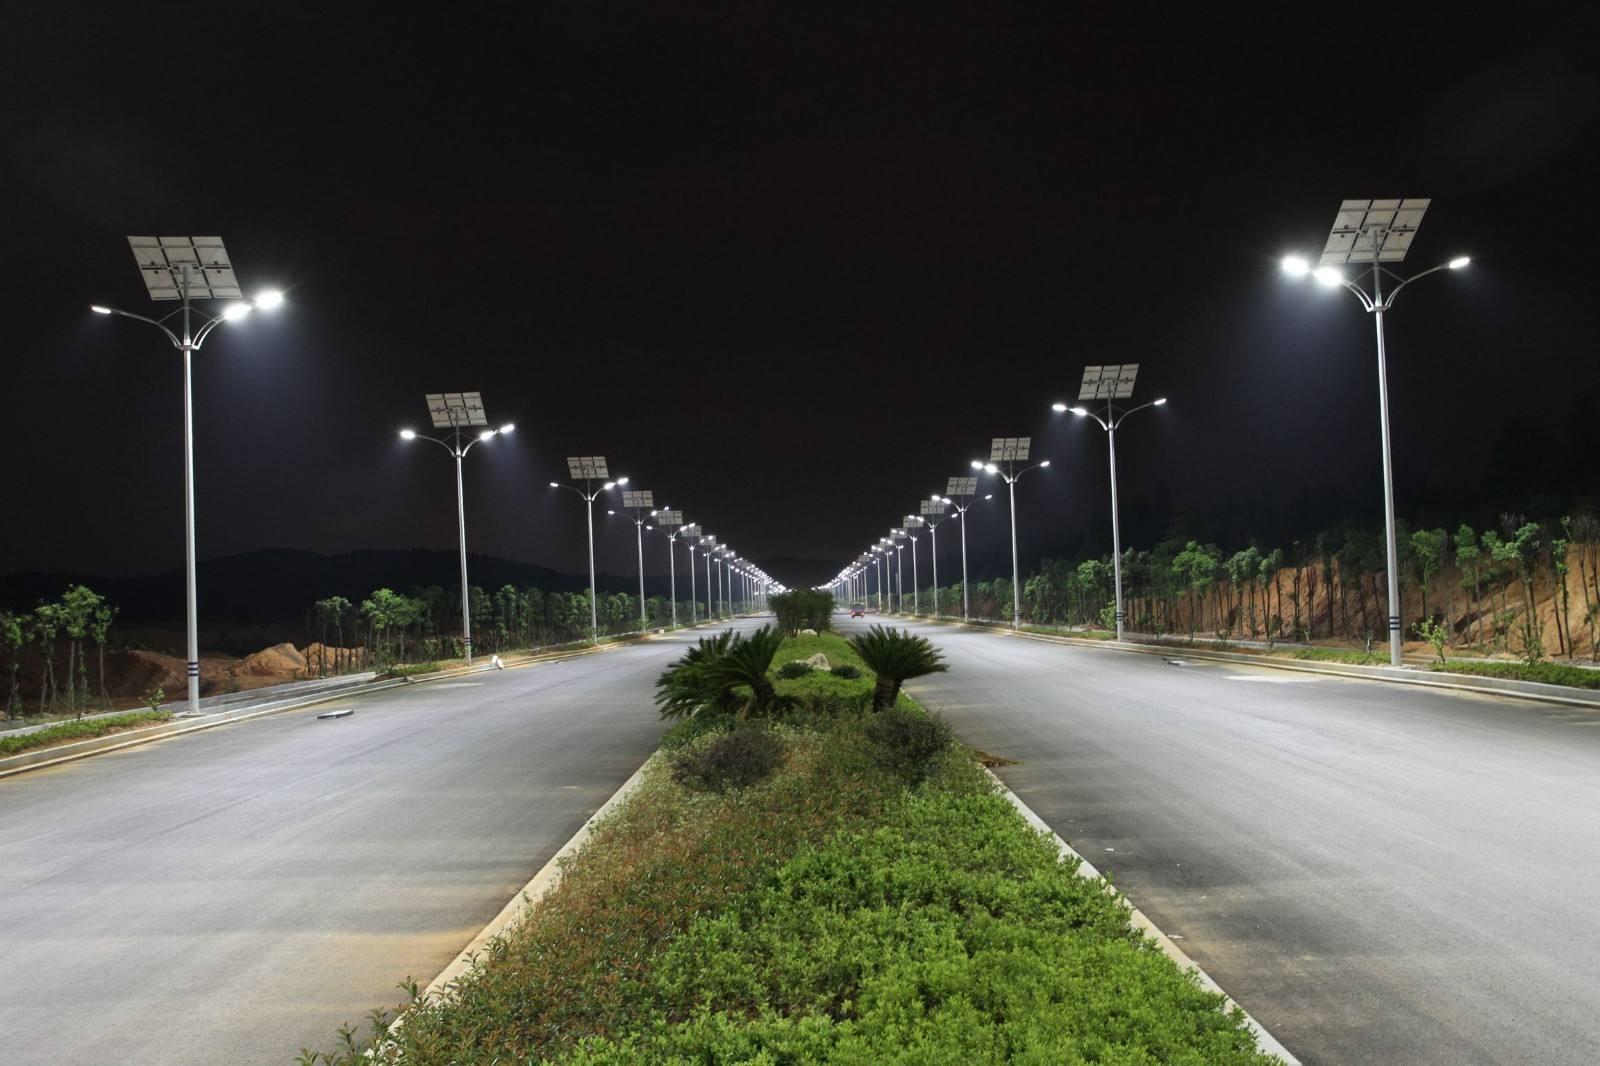 河南省郑州市夜幕下的太阳能路灯正在发光中